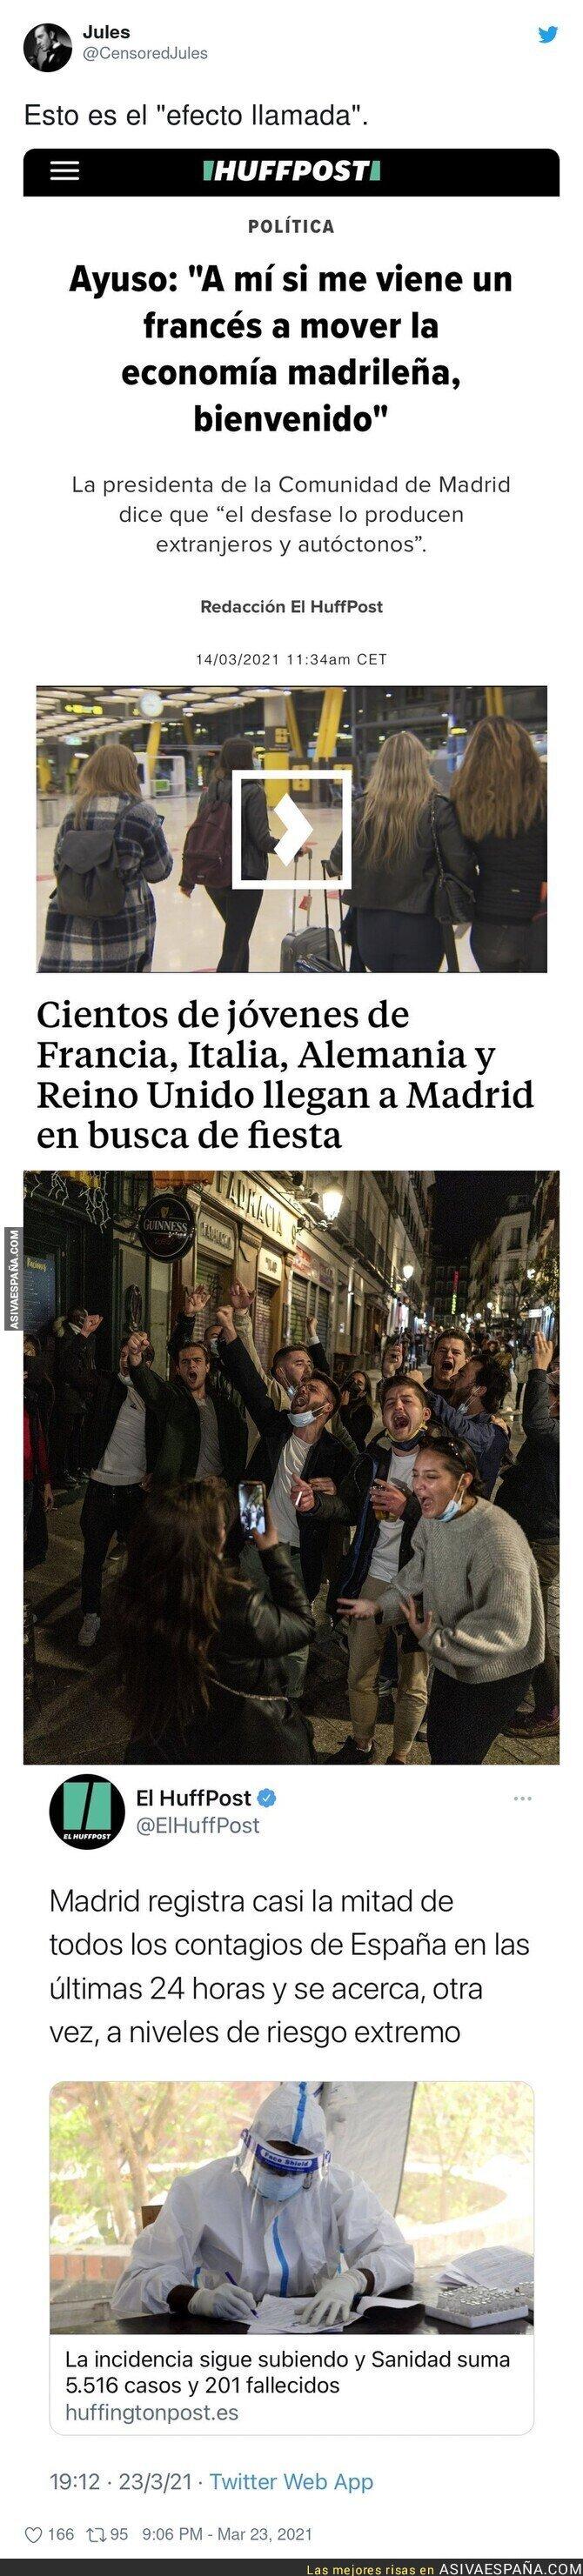 661486 - Así la ha liado Isabel Díaz Ayuso en Madrid trayendo turistas en plena pandemia